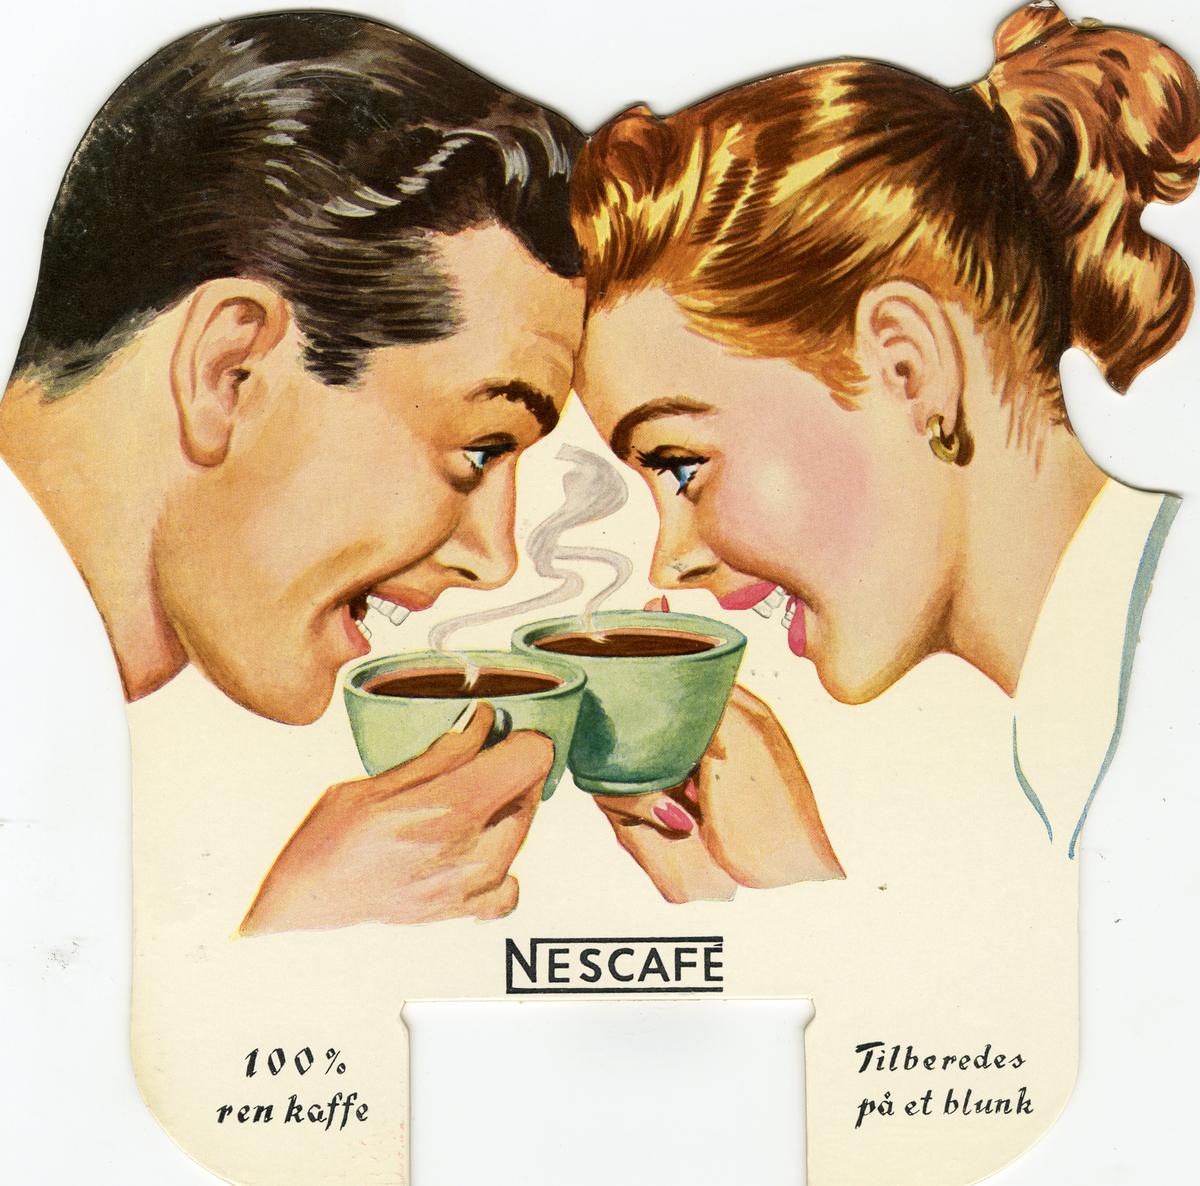 Az ikonikus NESCAFÉ  márka 1938-ban született